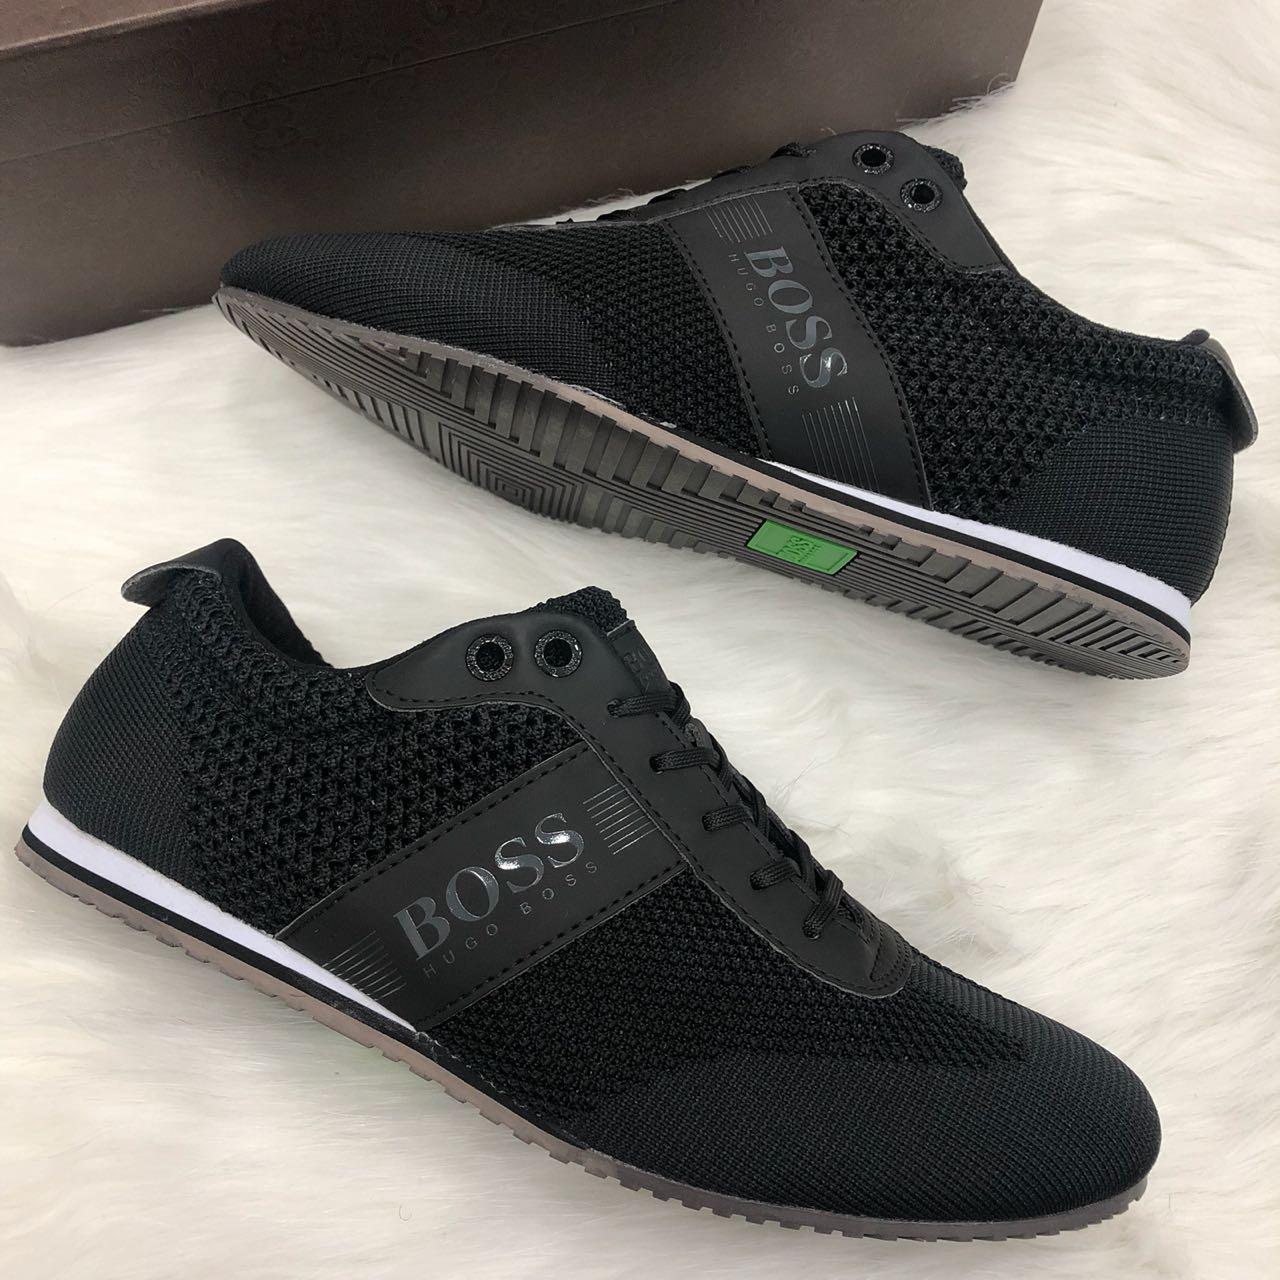 d244ac9792146 Zapatillas Hugo Boss Importadas para Hombre - Zapatillas en Cali